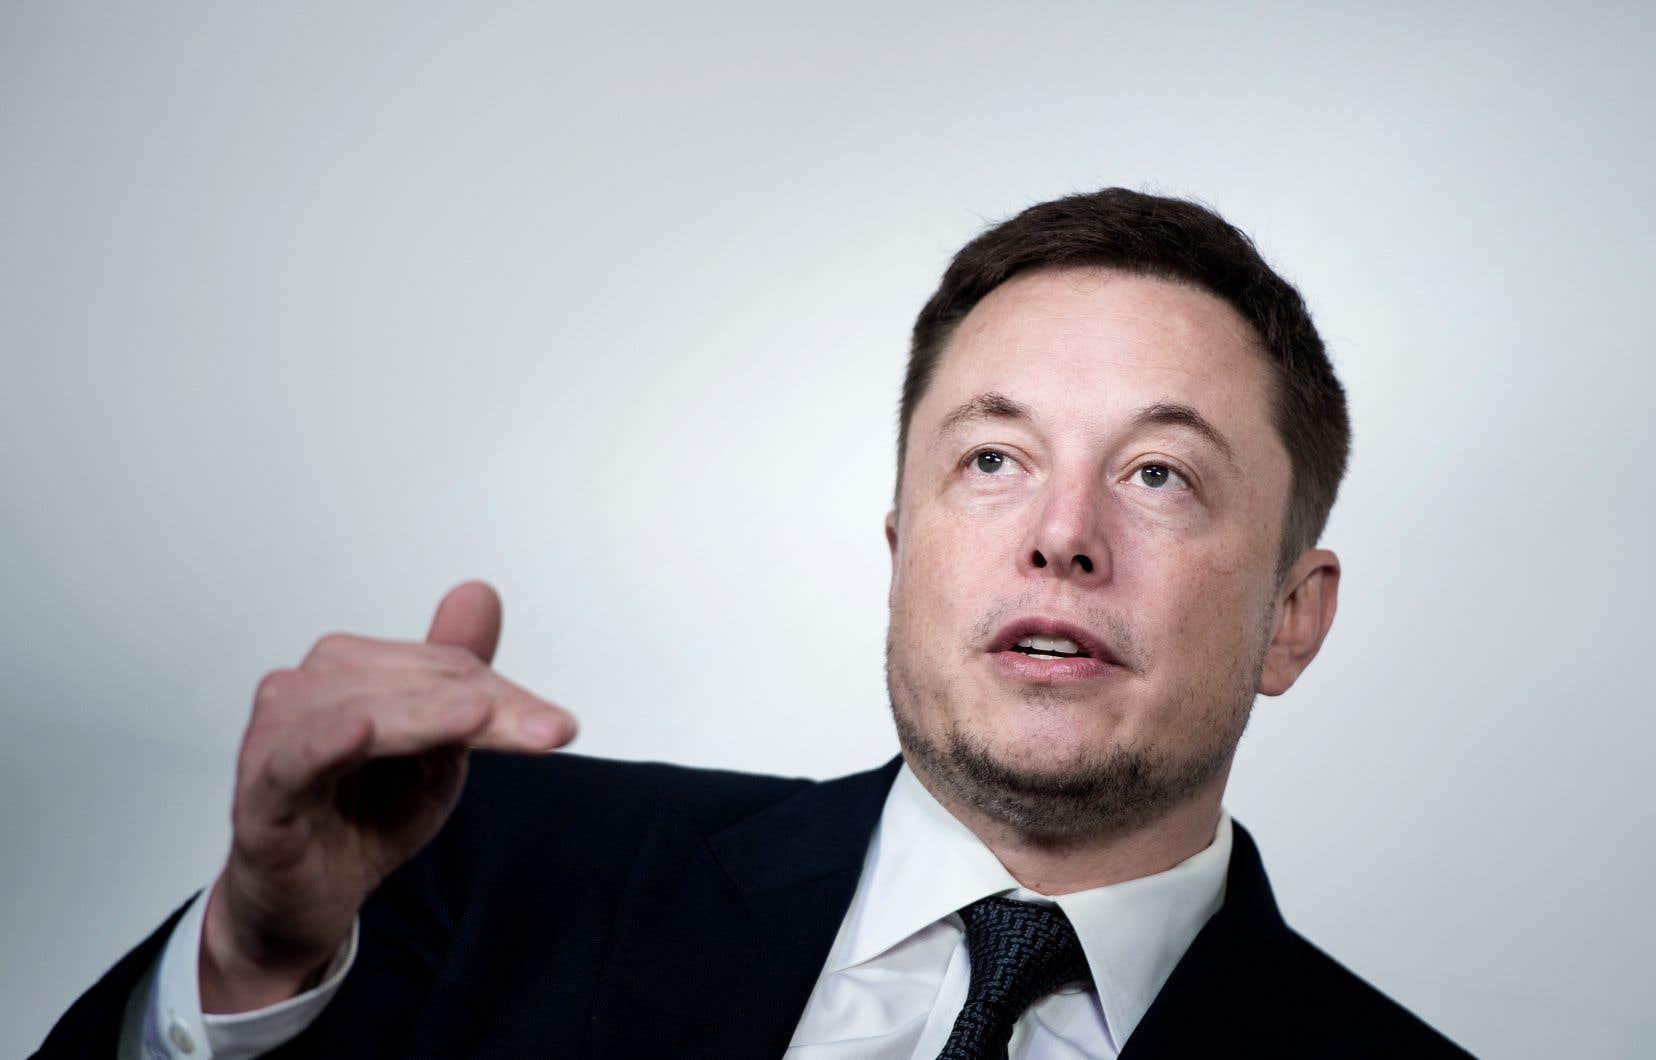 Le p.-d. g. du groupe américain Tesla, Elon Musk